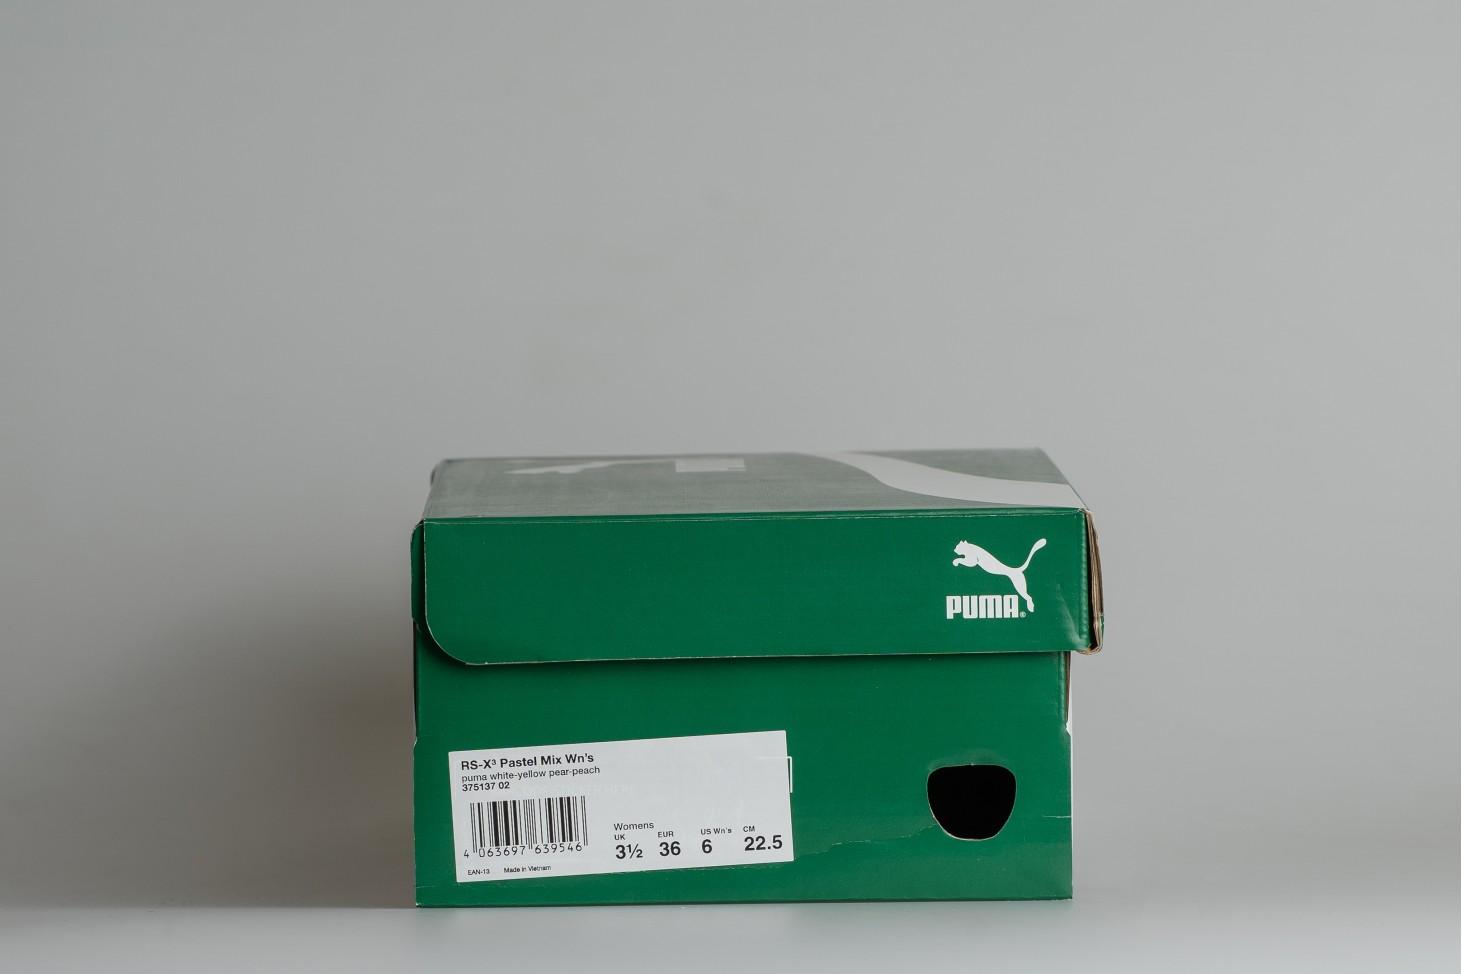 W RS-X3 Pastel Mix-8